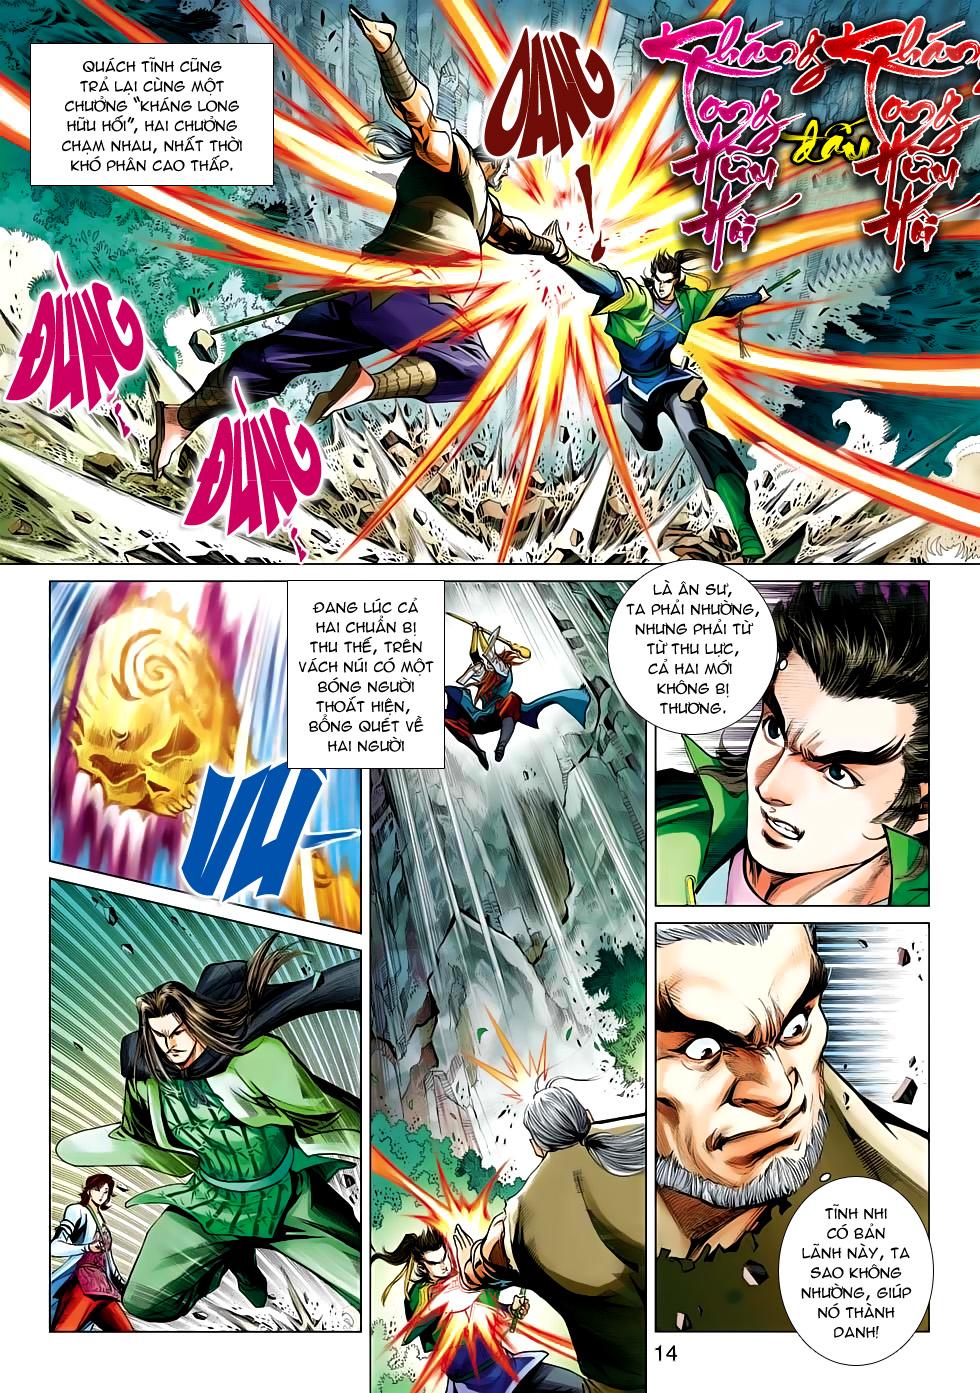 Xạ Điêu Anh Hùng Truyện chap 100 – End Trang 14 - Mangak.info